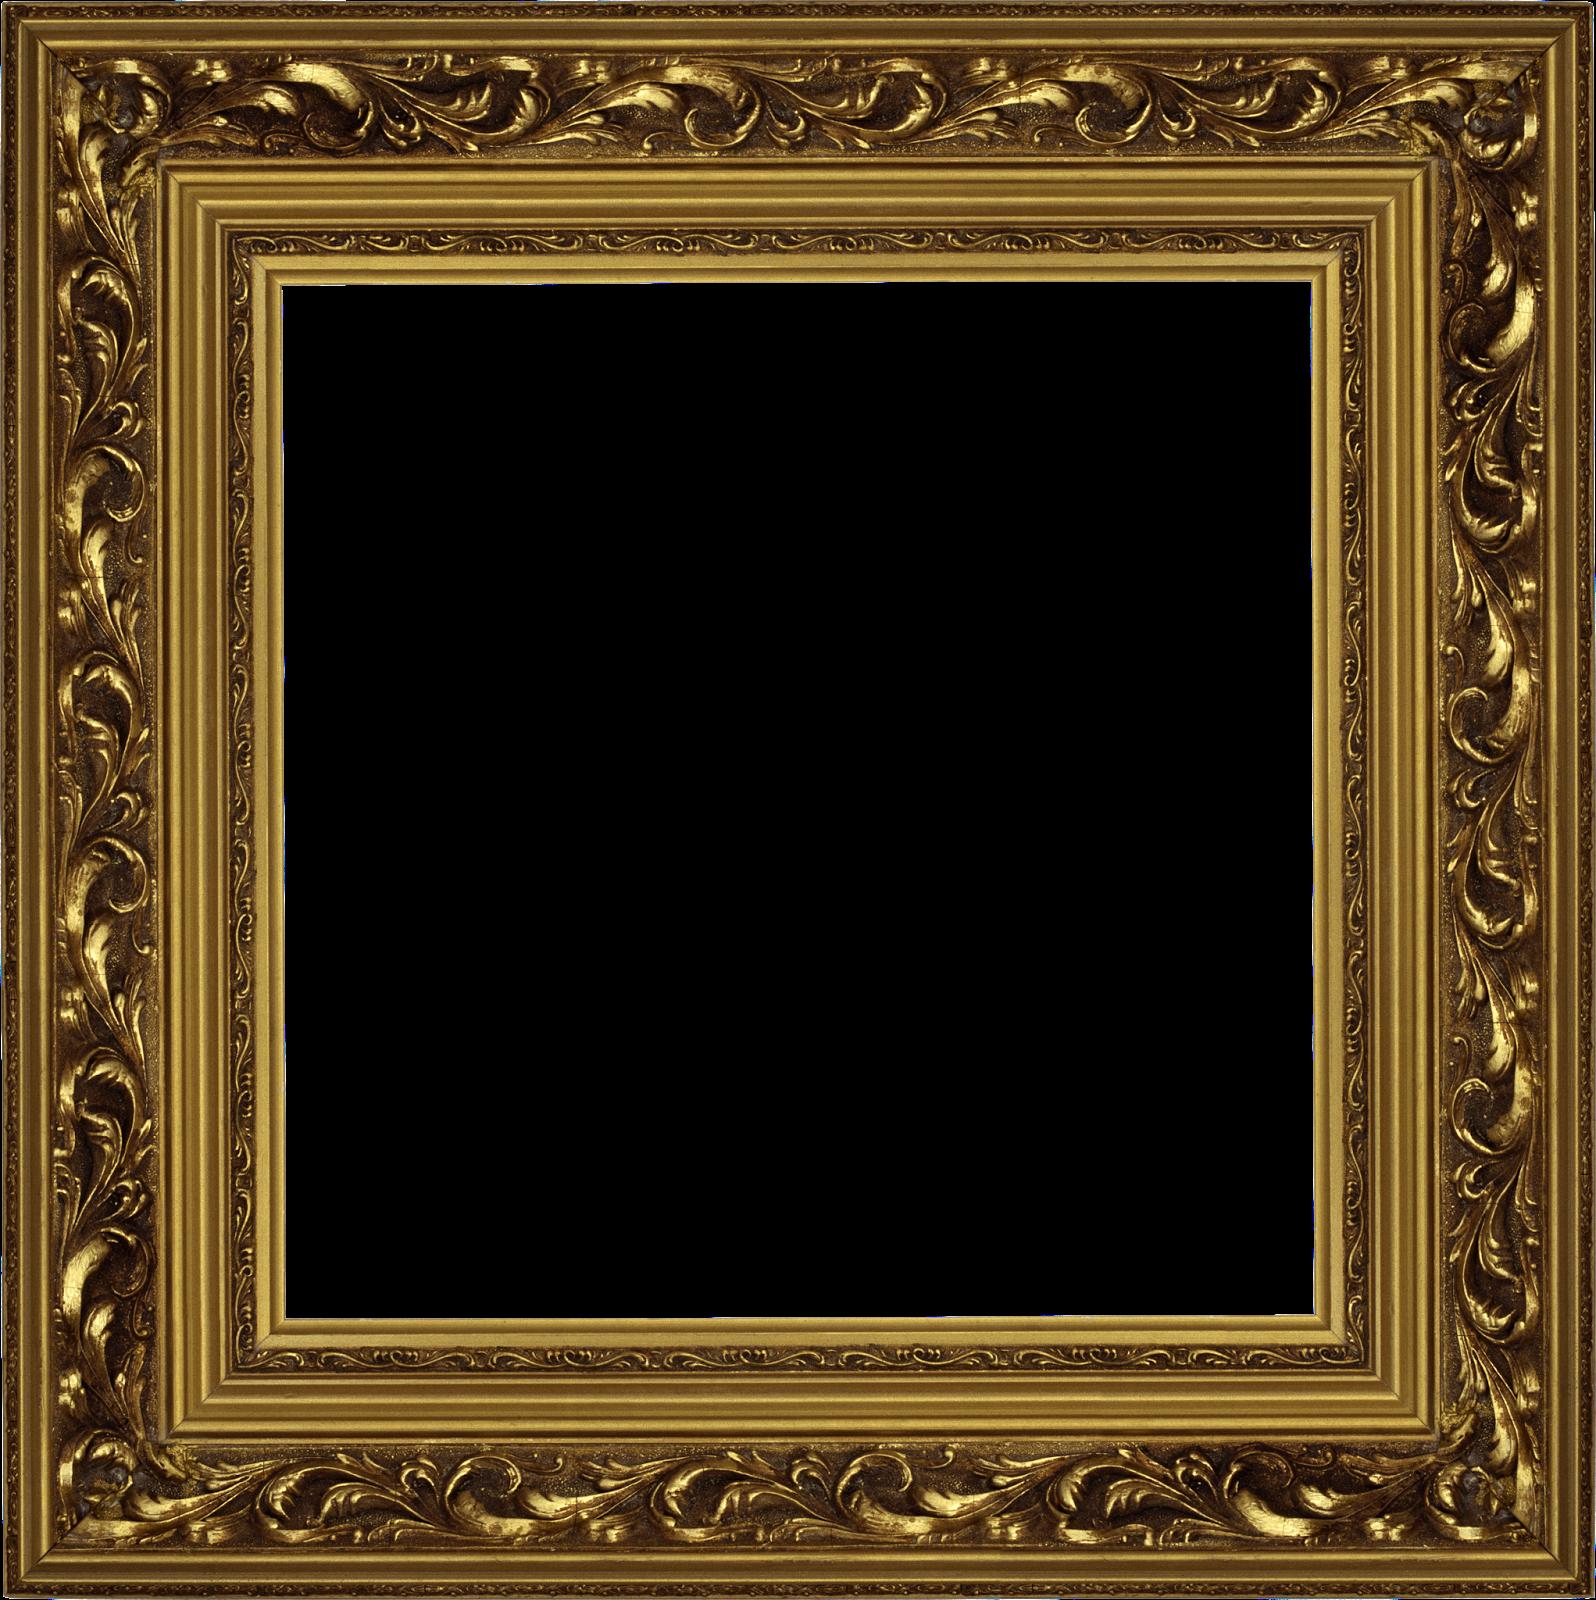 Marcos para fotos marcos para fotos antiguas heramienta - Marcos de cuadros para fotos ...